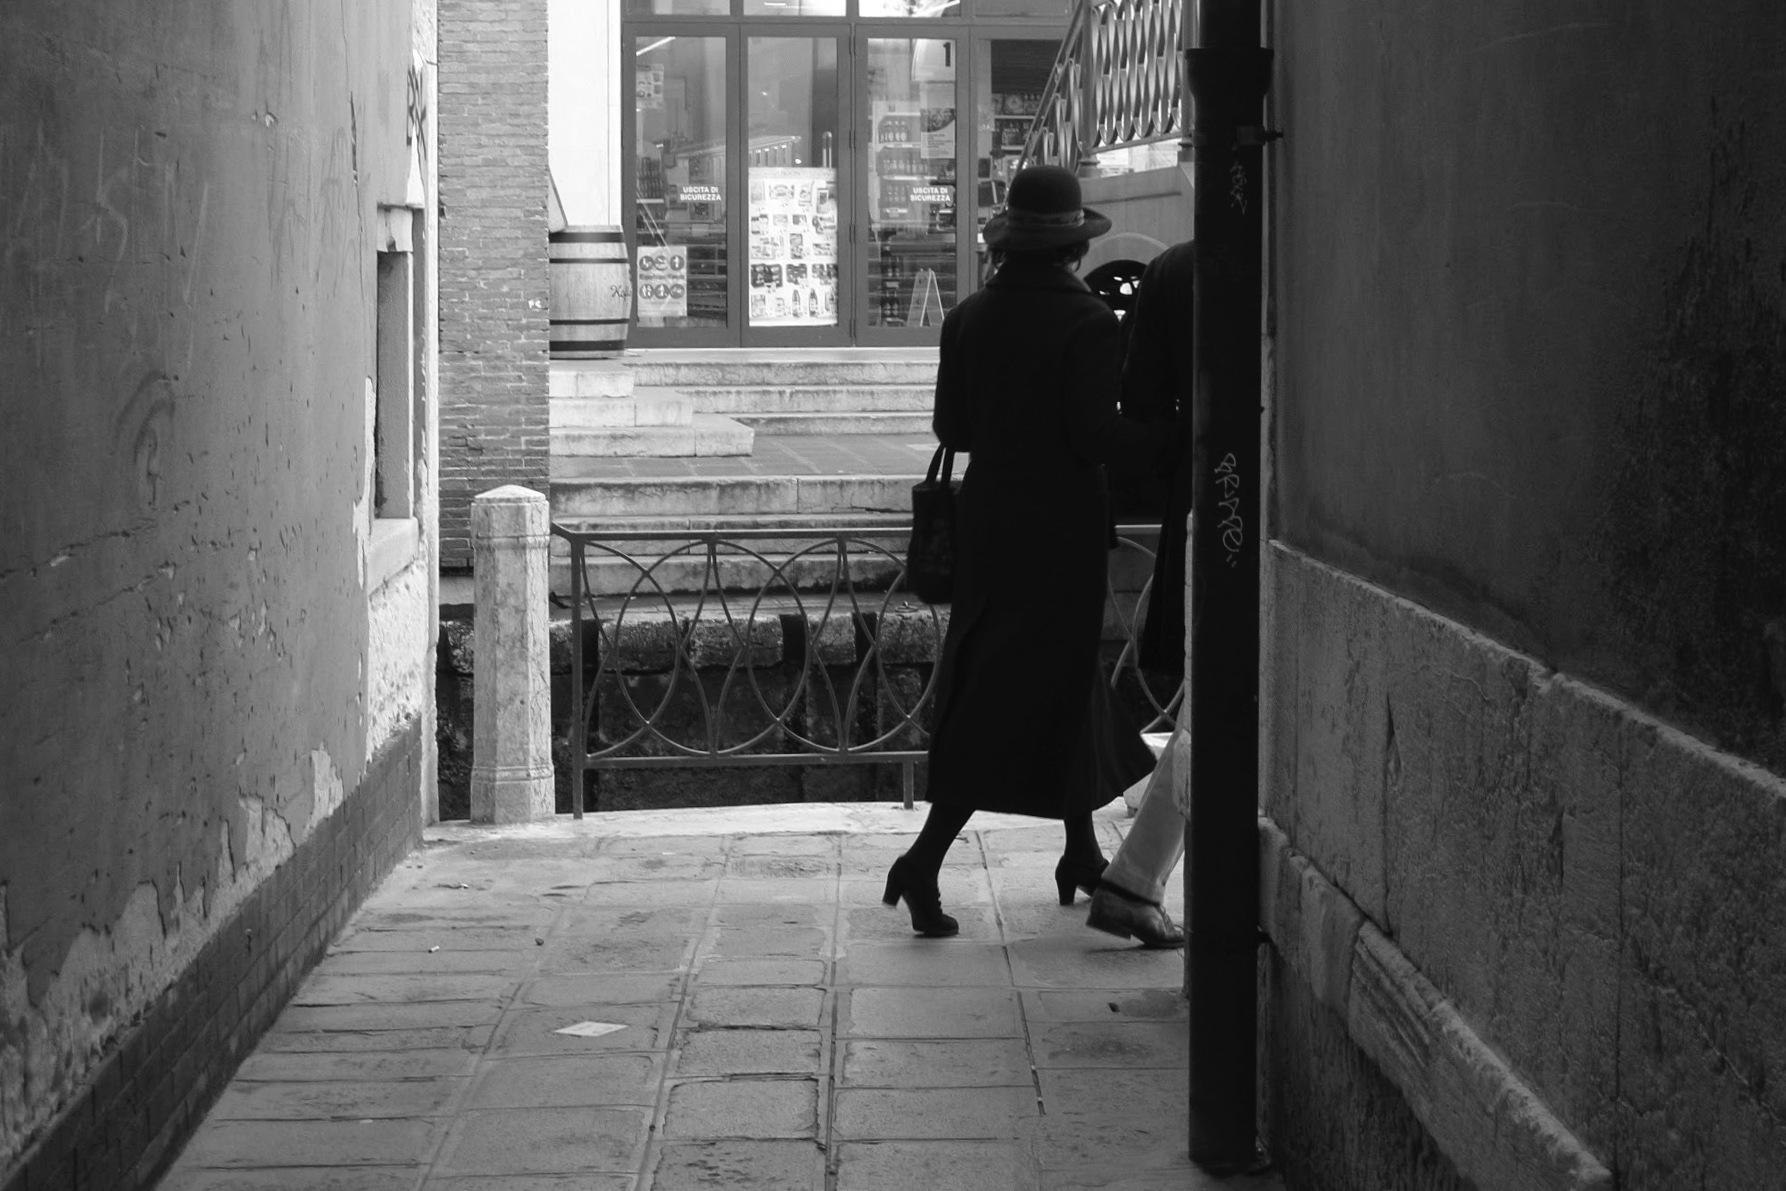 In a hurry by Sergio Deggiovanni